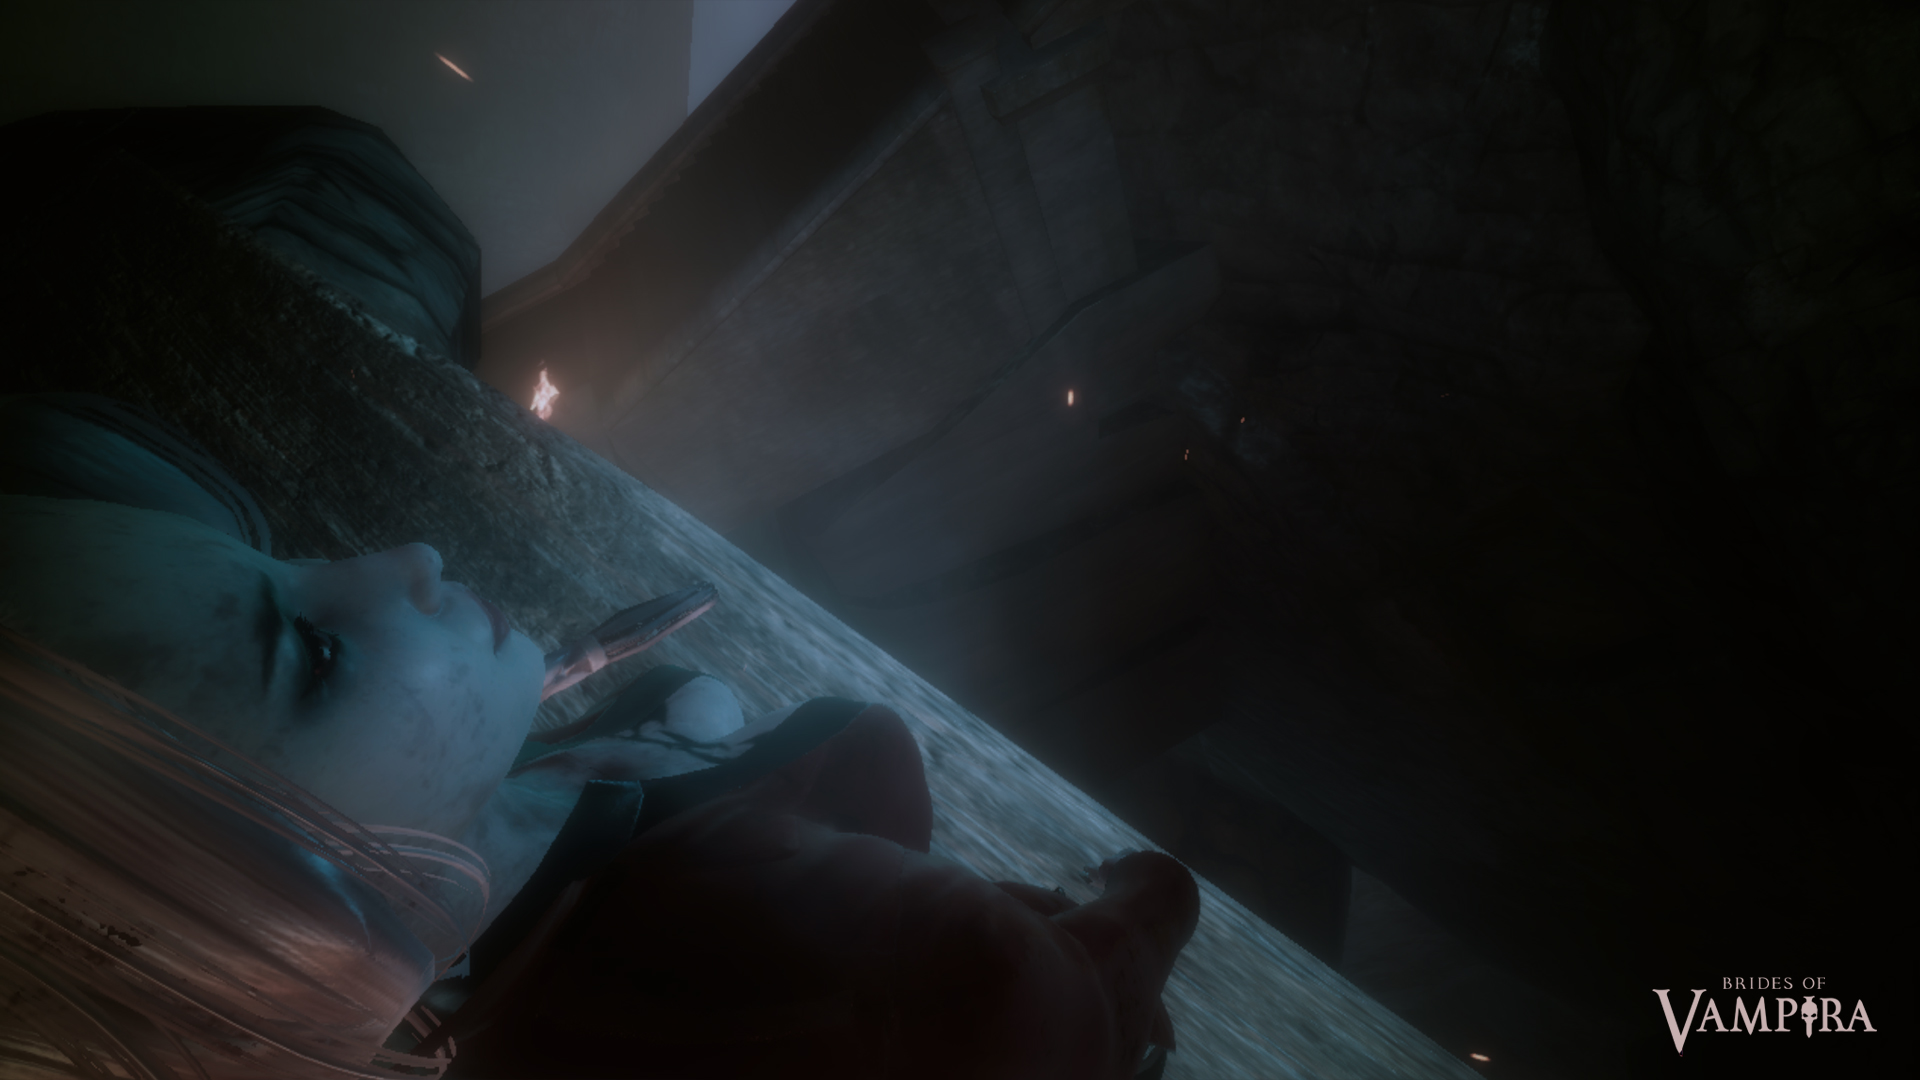 Brides Of Vampira - SpiritWalker VR